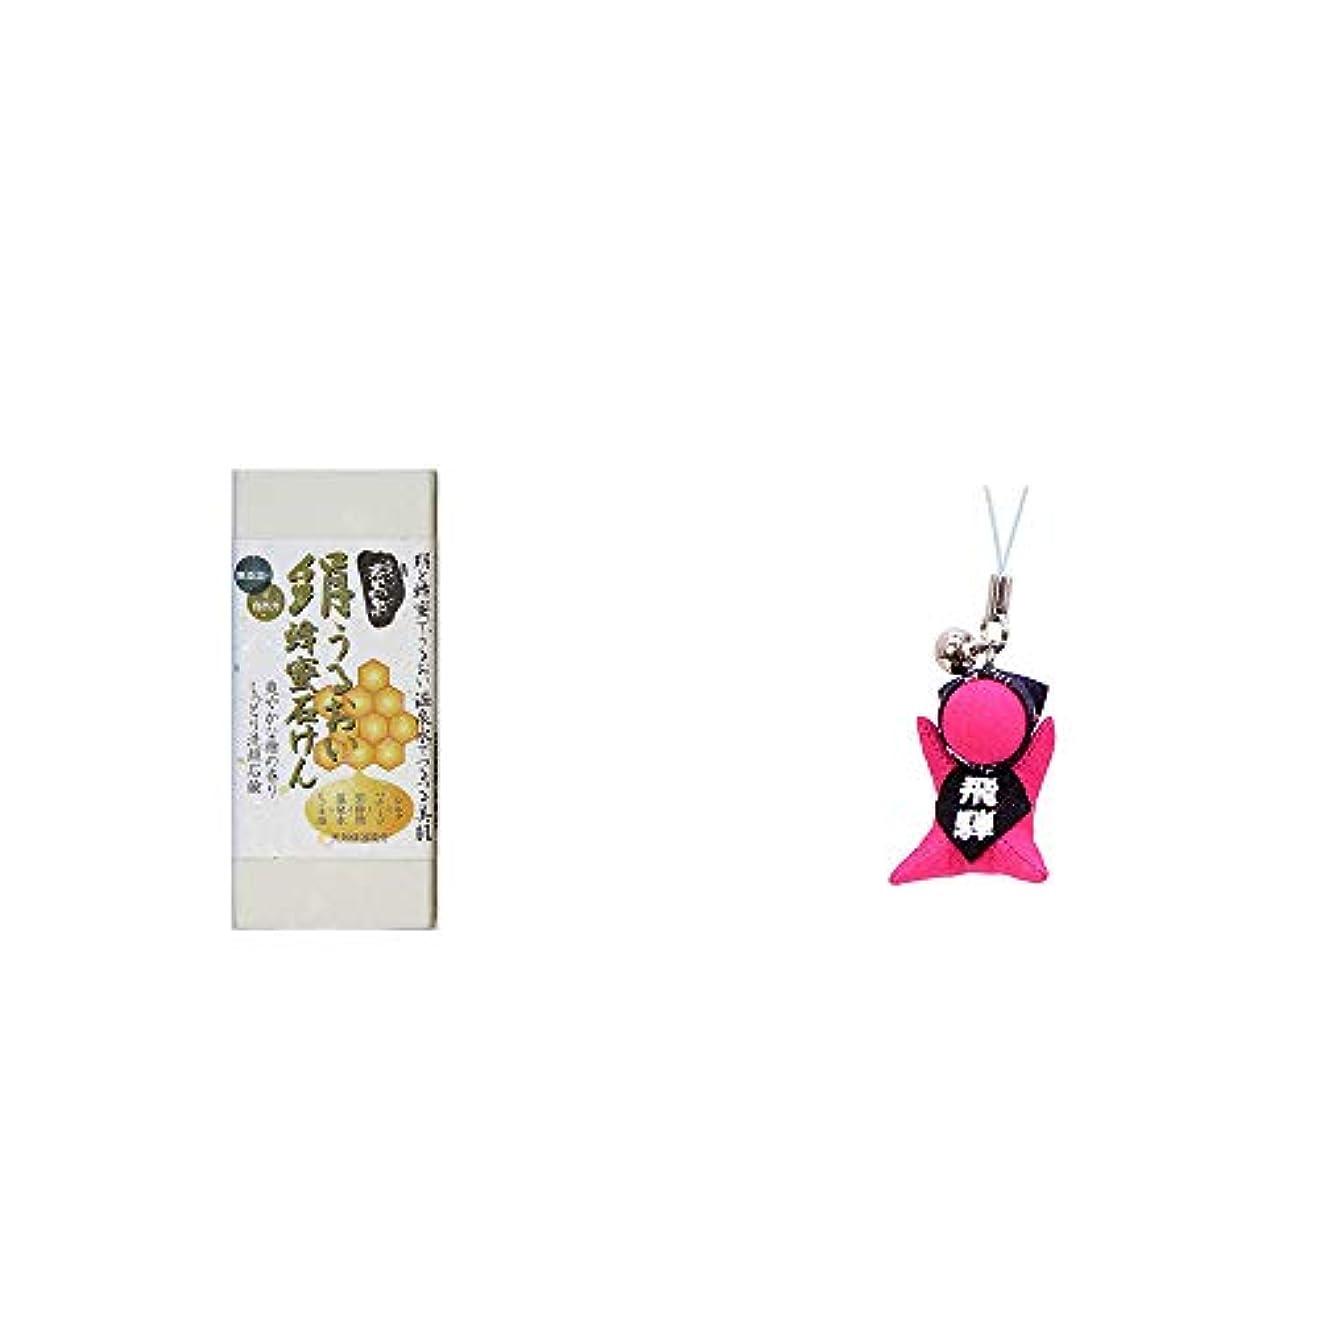 乗り出す放出連結する[2点セット] ひのき炭黒泉 絹うるおい蜂蜜石けん(75g×2)?さるぼぼ幸福ストラップ 【ピンク】 / 風水カラー全9種類 縁結び?恋愛(出会い) お守り//